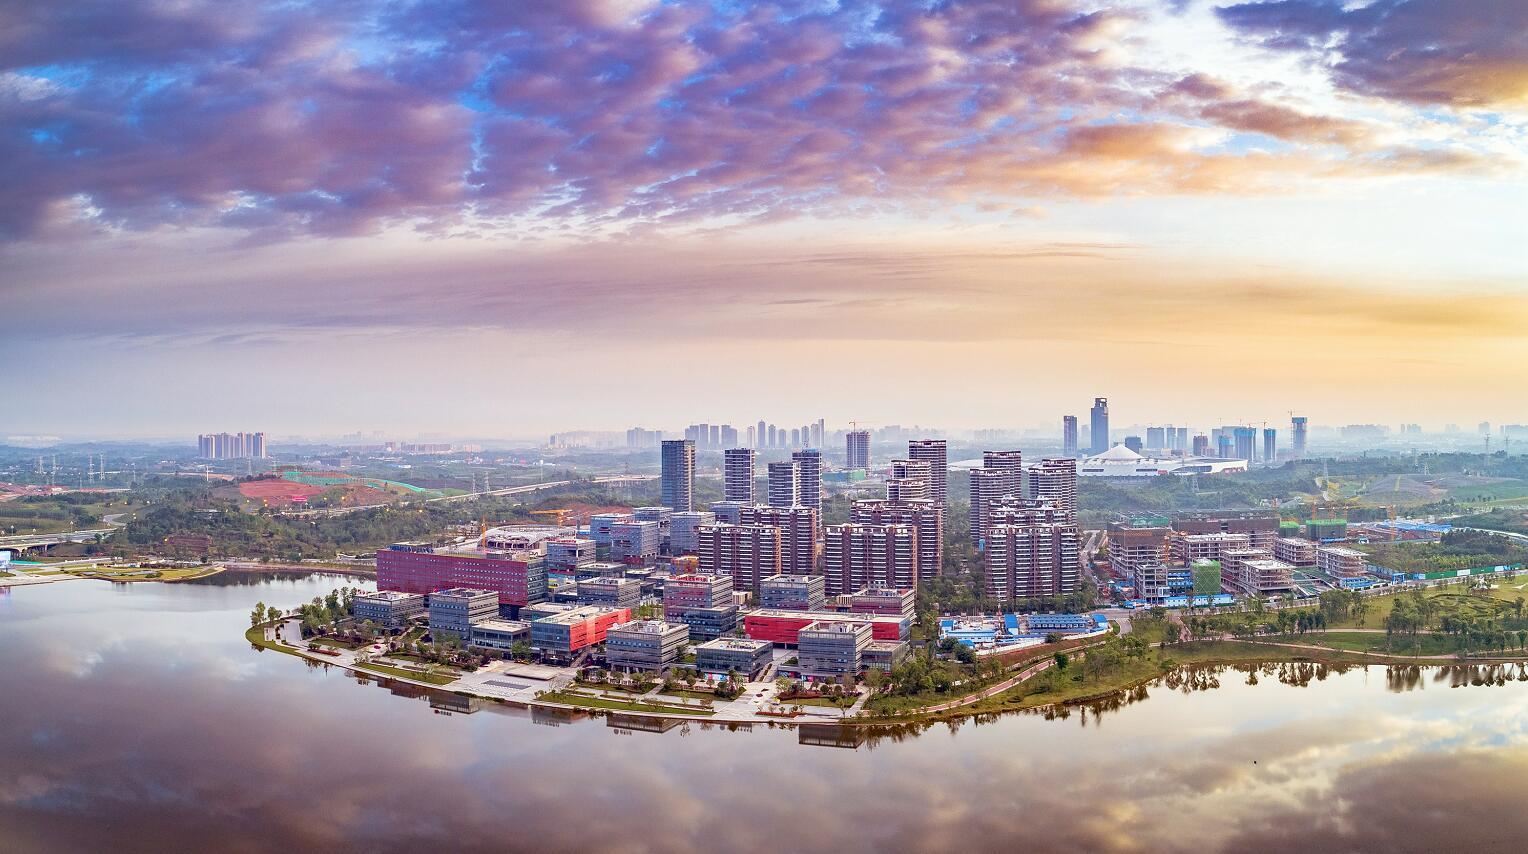 城市论坛_公园城市 未来之城:首届公园城市论坛明日成都举行